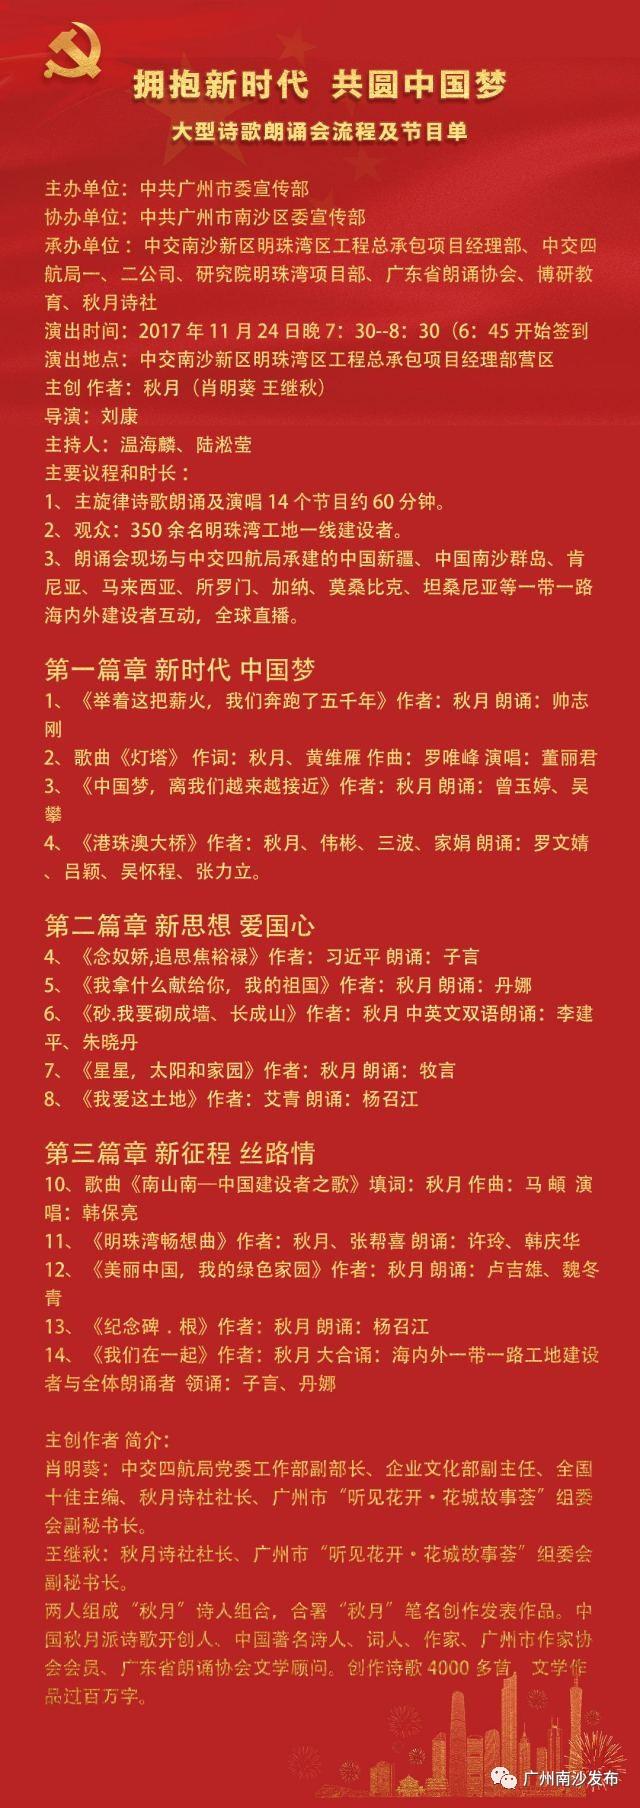 """""""一带一路""""大型诗歌朗诵会《拥抱新时代 共圆中国梦》今晚举办"""